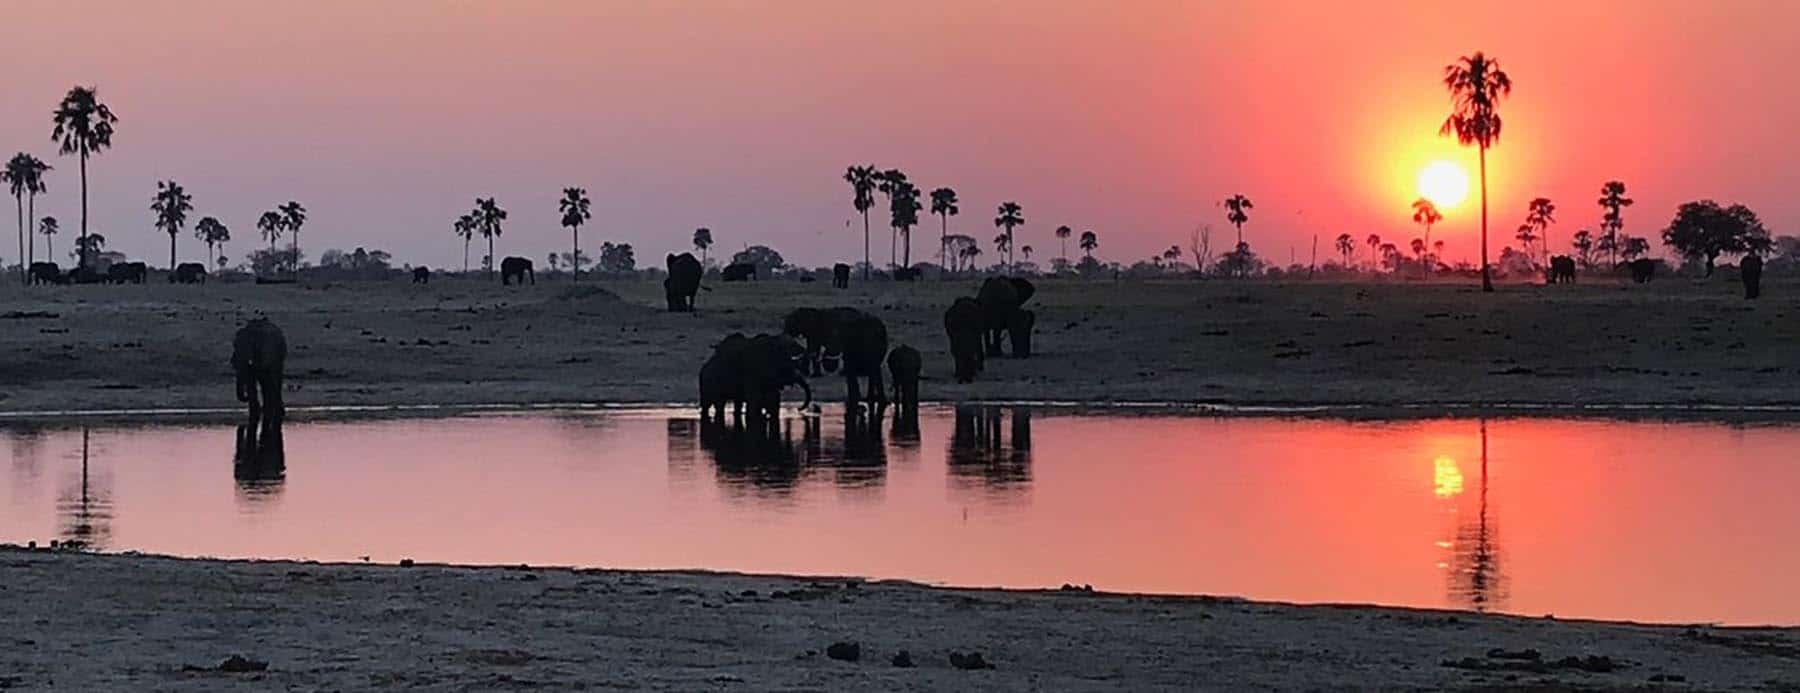 Evening on Safari